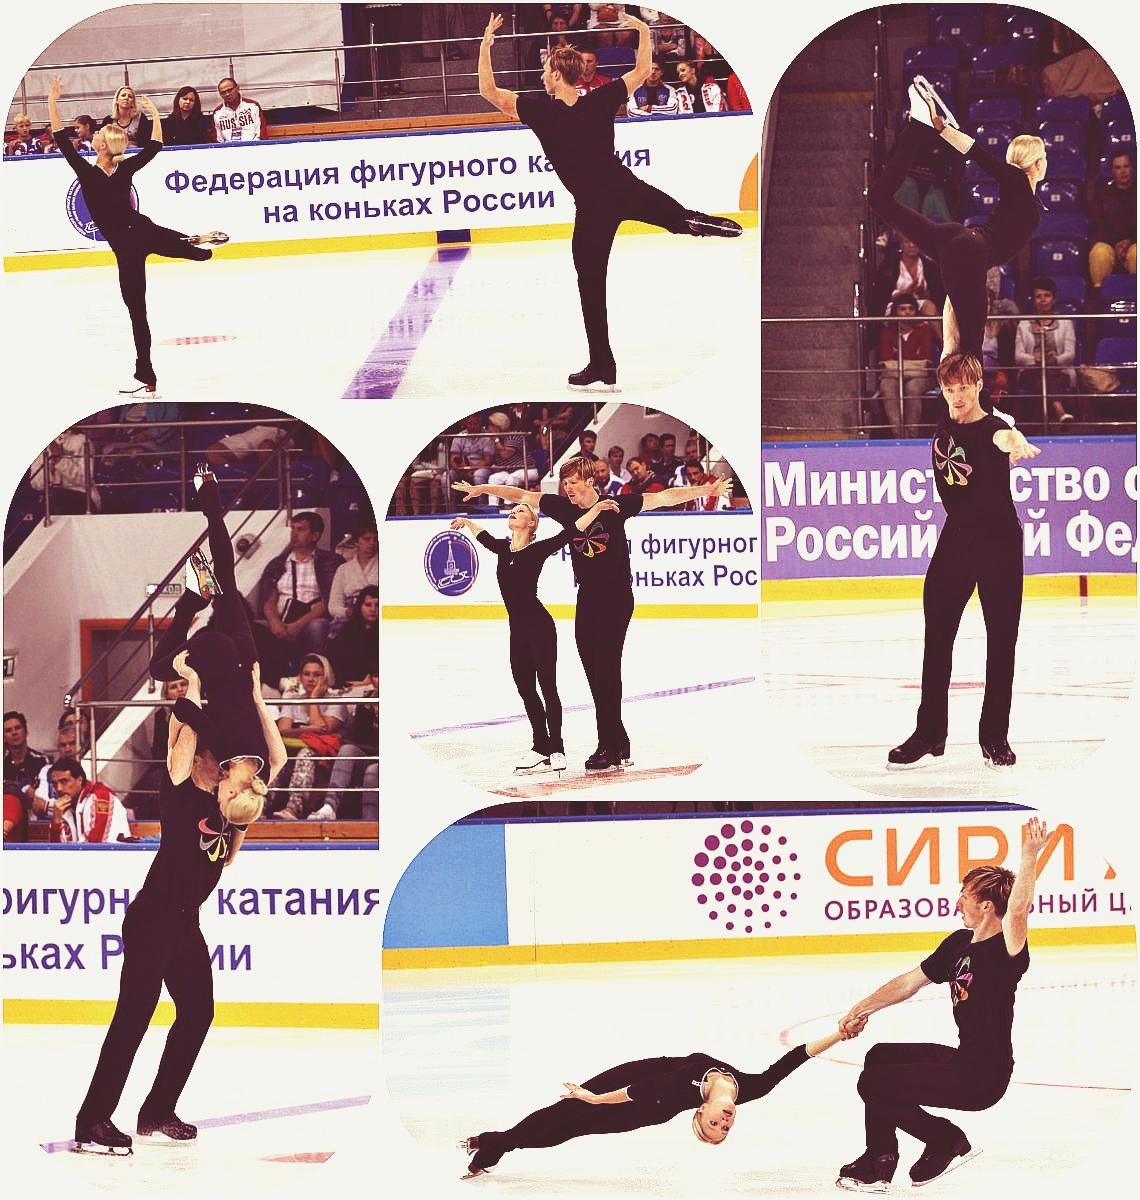 Евгения Тарасова - Владимир Морозов - Страница 15 Ffc0b07a12d3